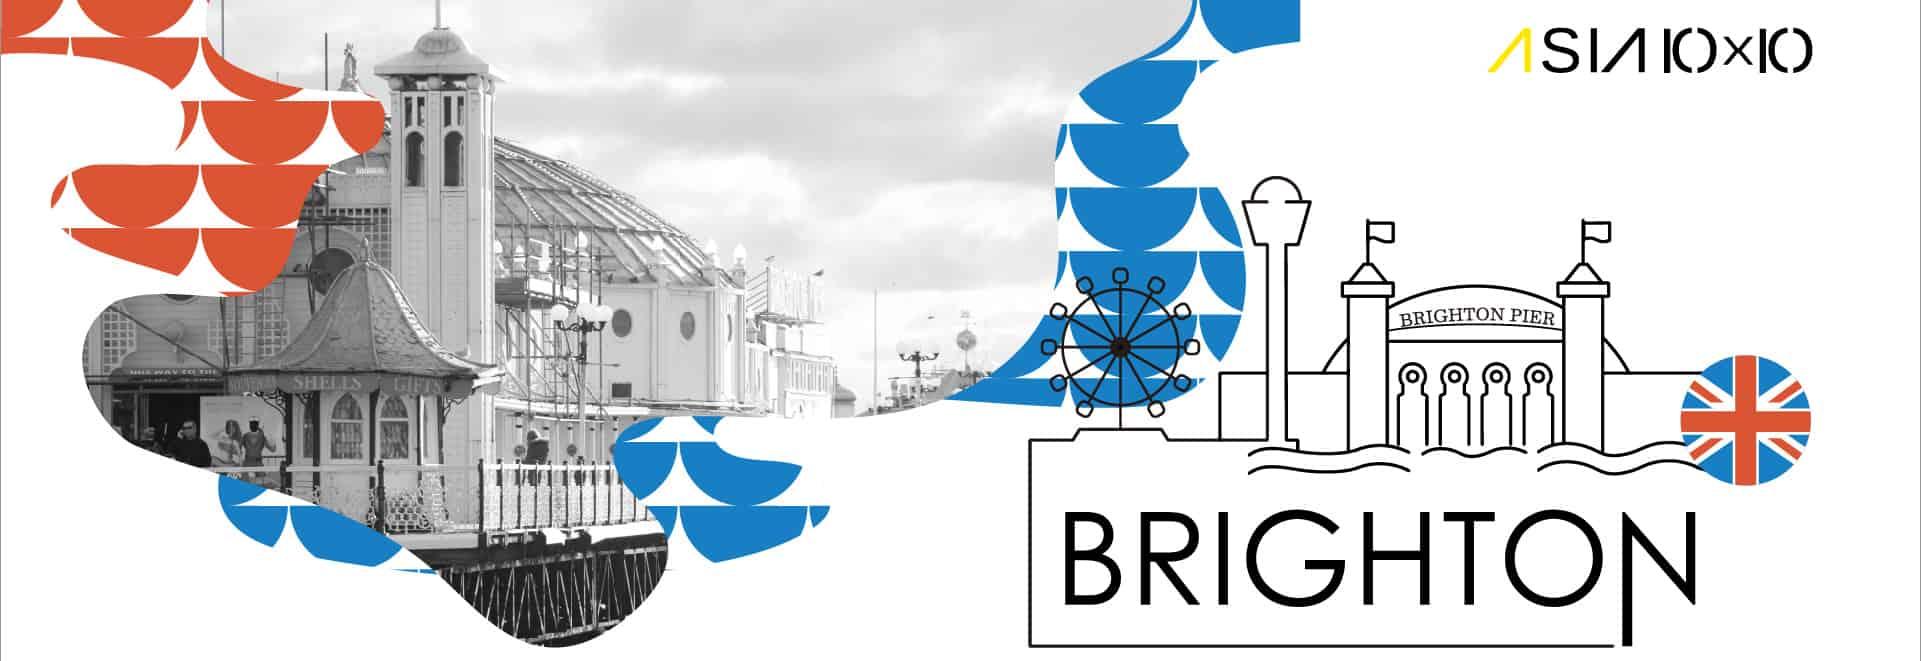 bg-asia1010-Brighton